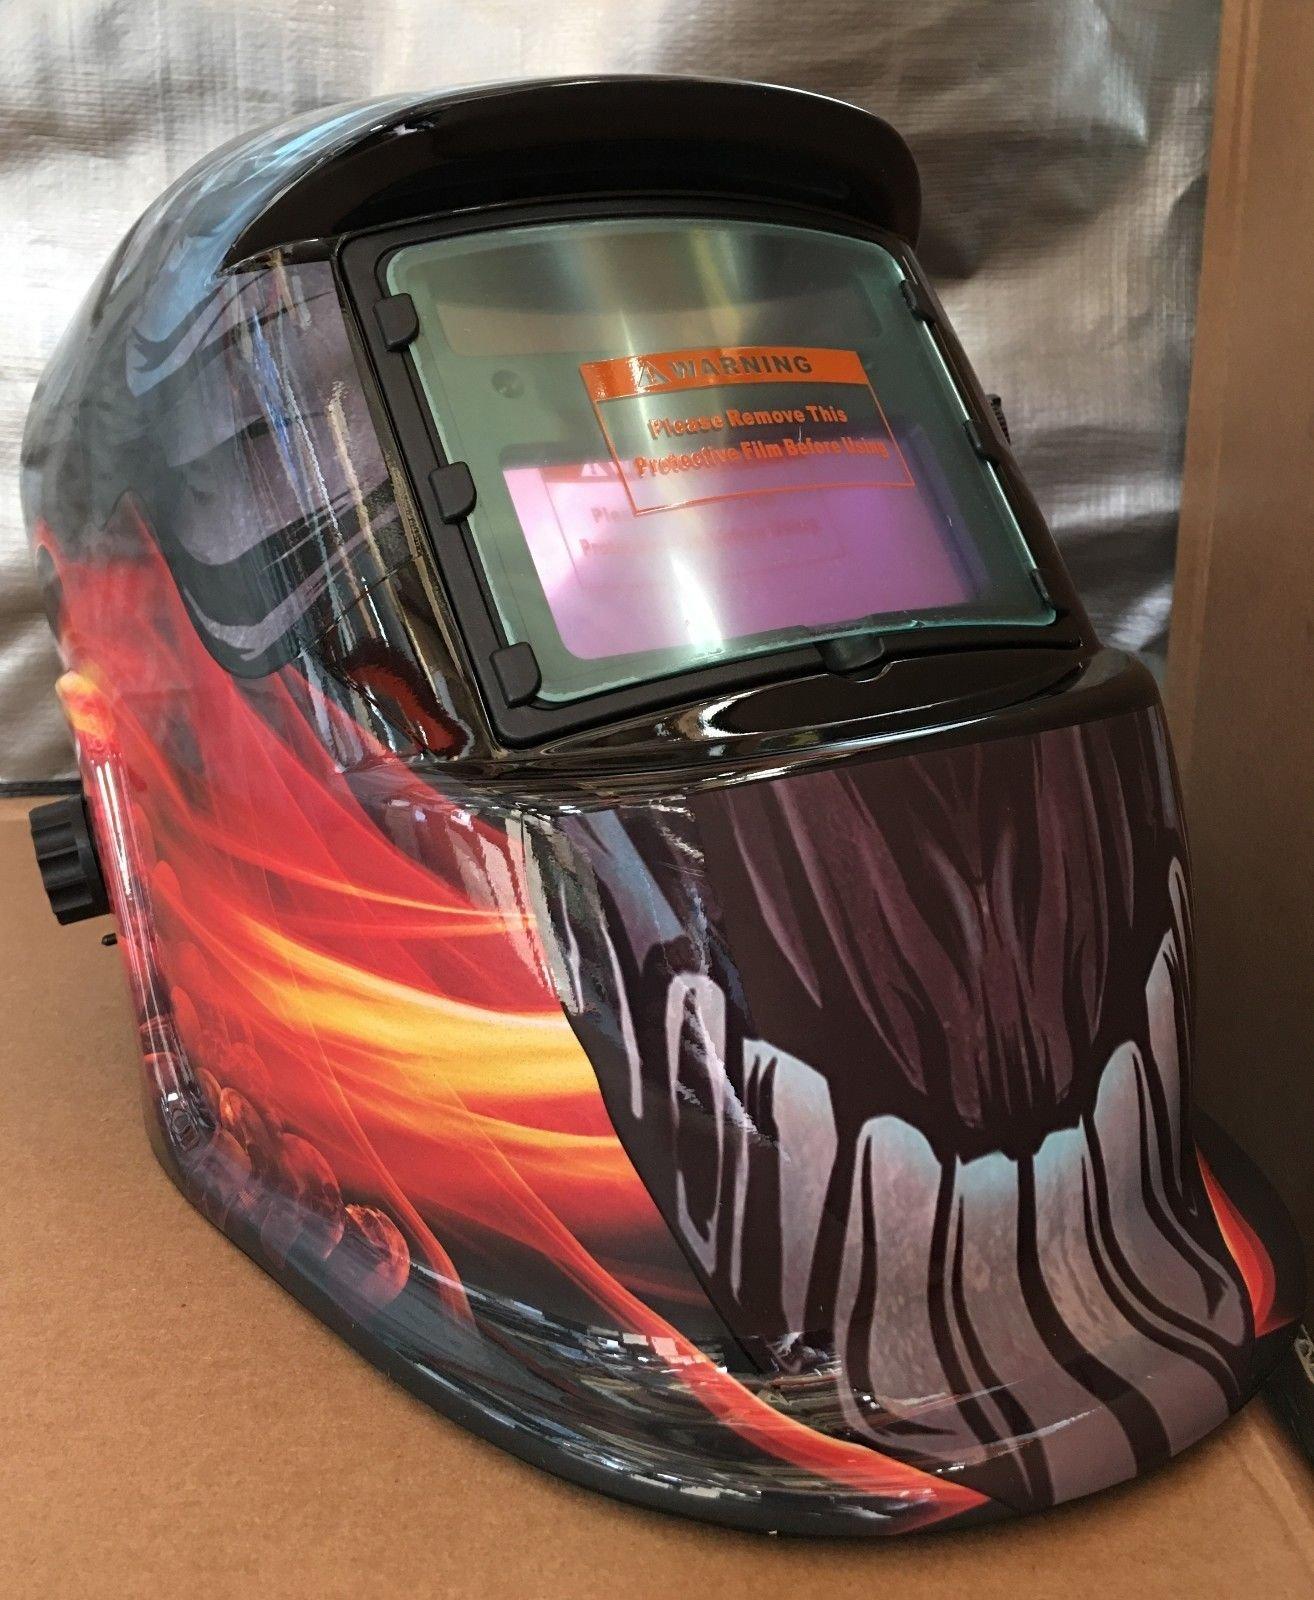 PP III Auto Darkening Solar Powered Welders Welding Helmet Mask with Grinding Function